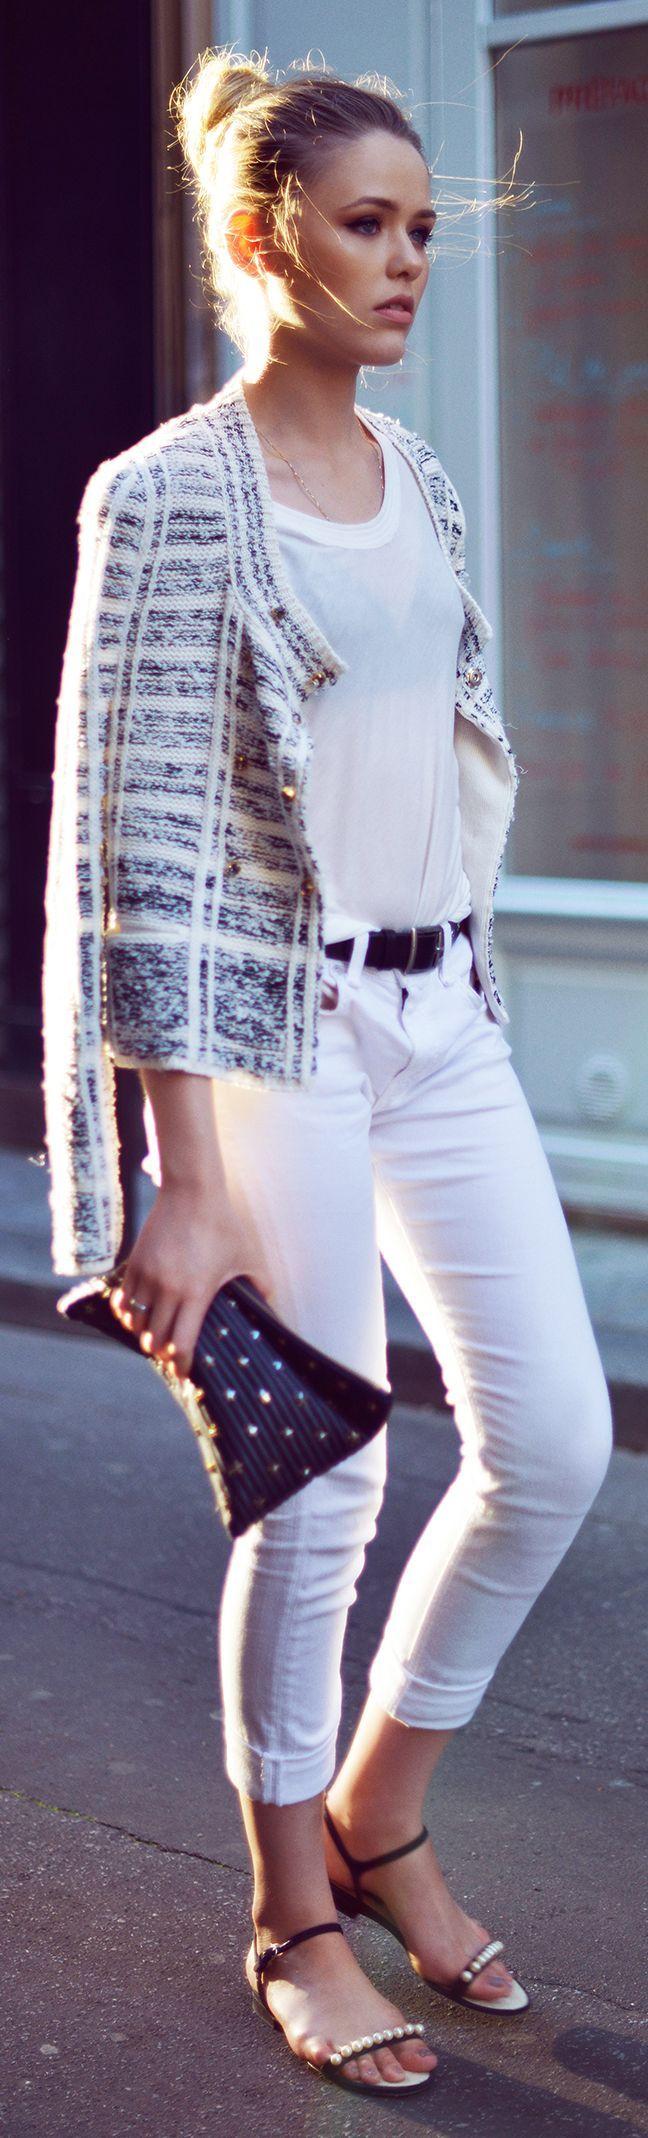 Sonya Rykiel Black And White Patterned Boucle Jacket by Kayture